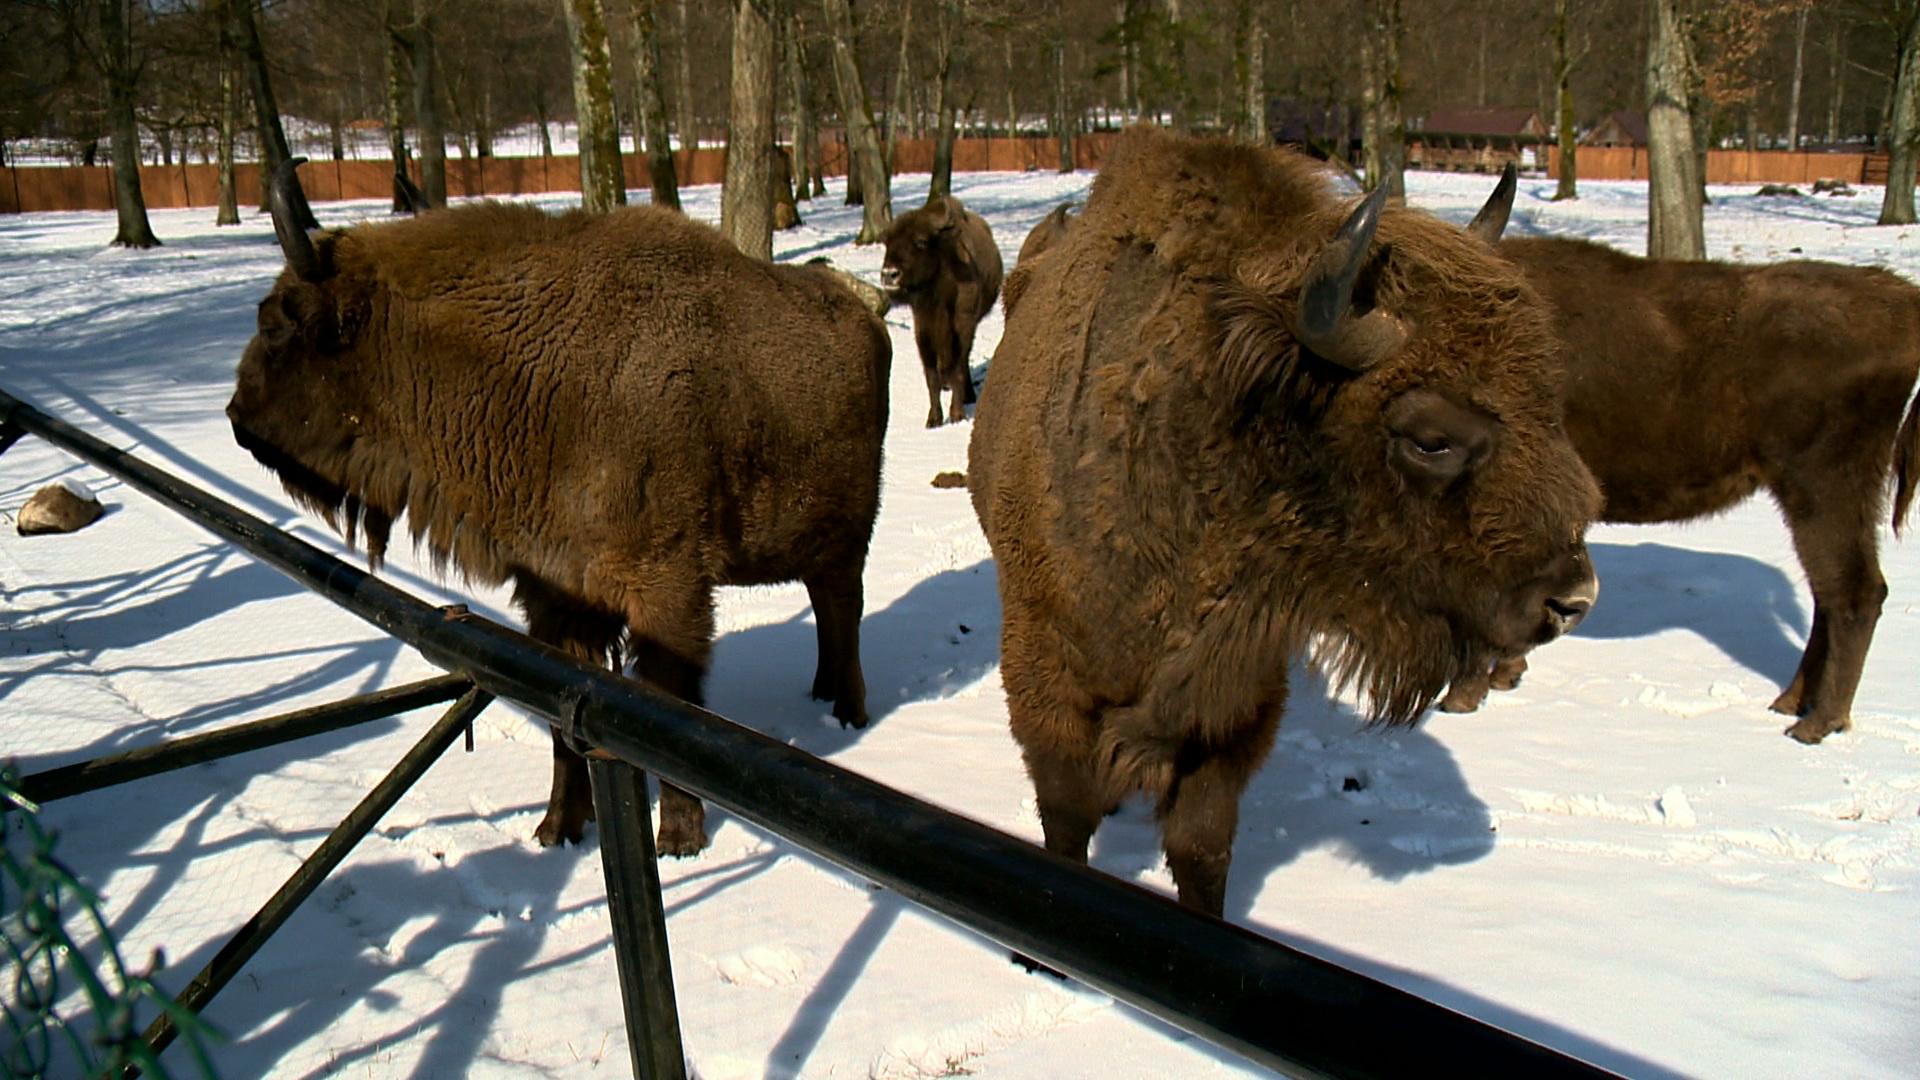 Tajemnice żubrów i innych zwierząt w Białowieskim Parku Narodowym